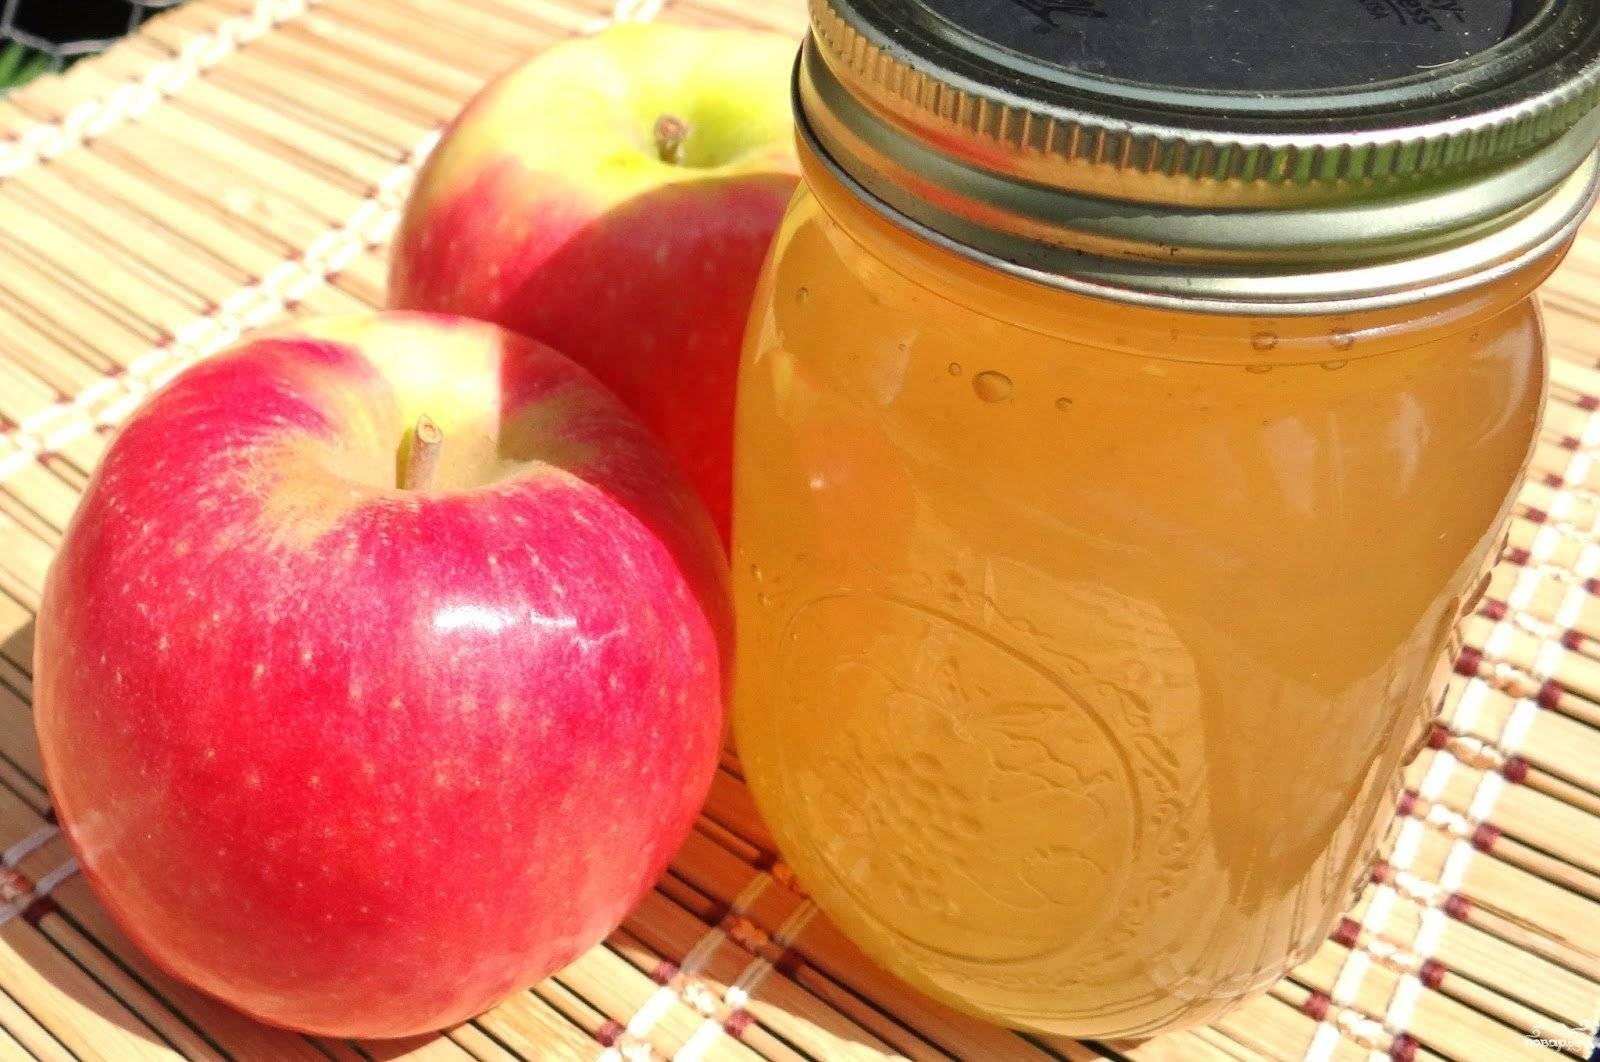 Джем из яблок на зиму - вкусные рецепты в домашних условиях в мультиварке, хлебопечке